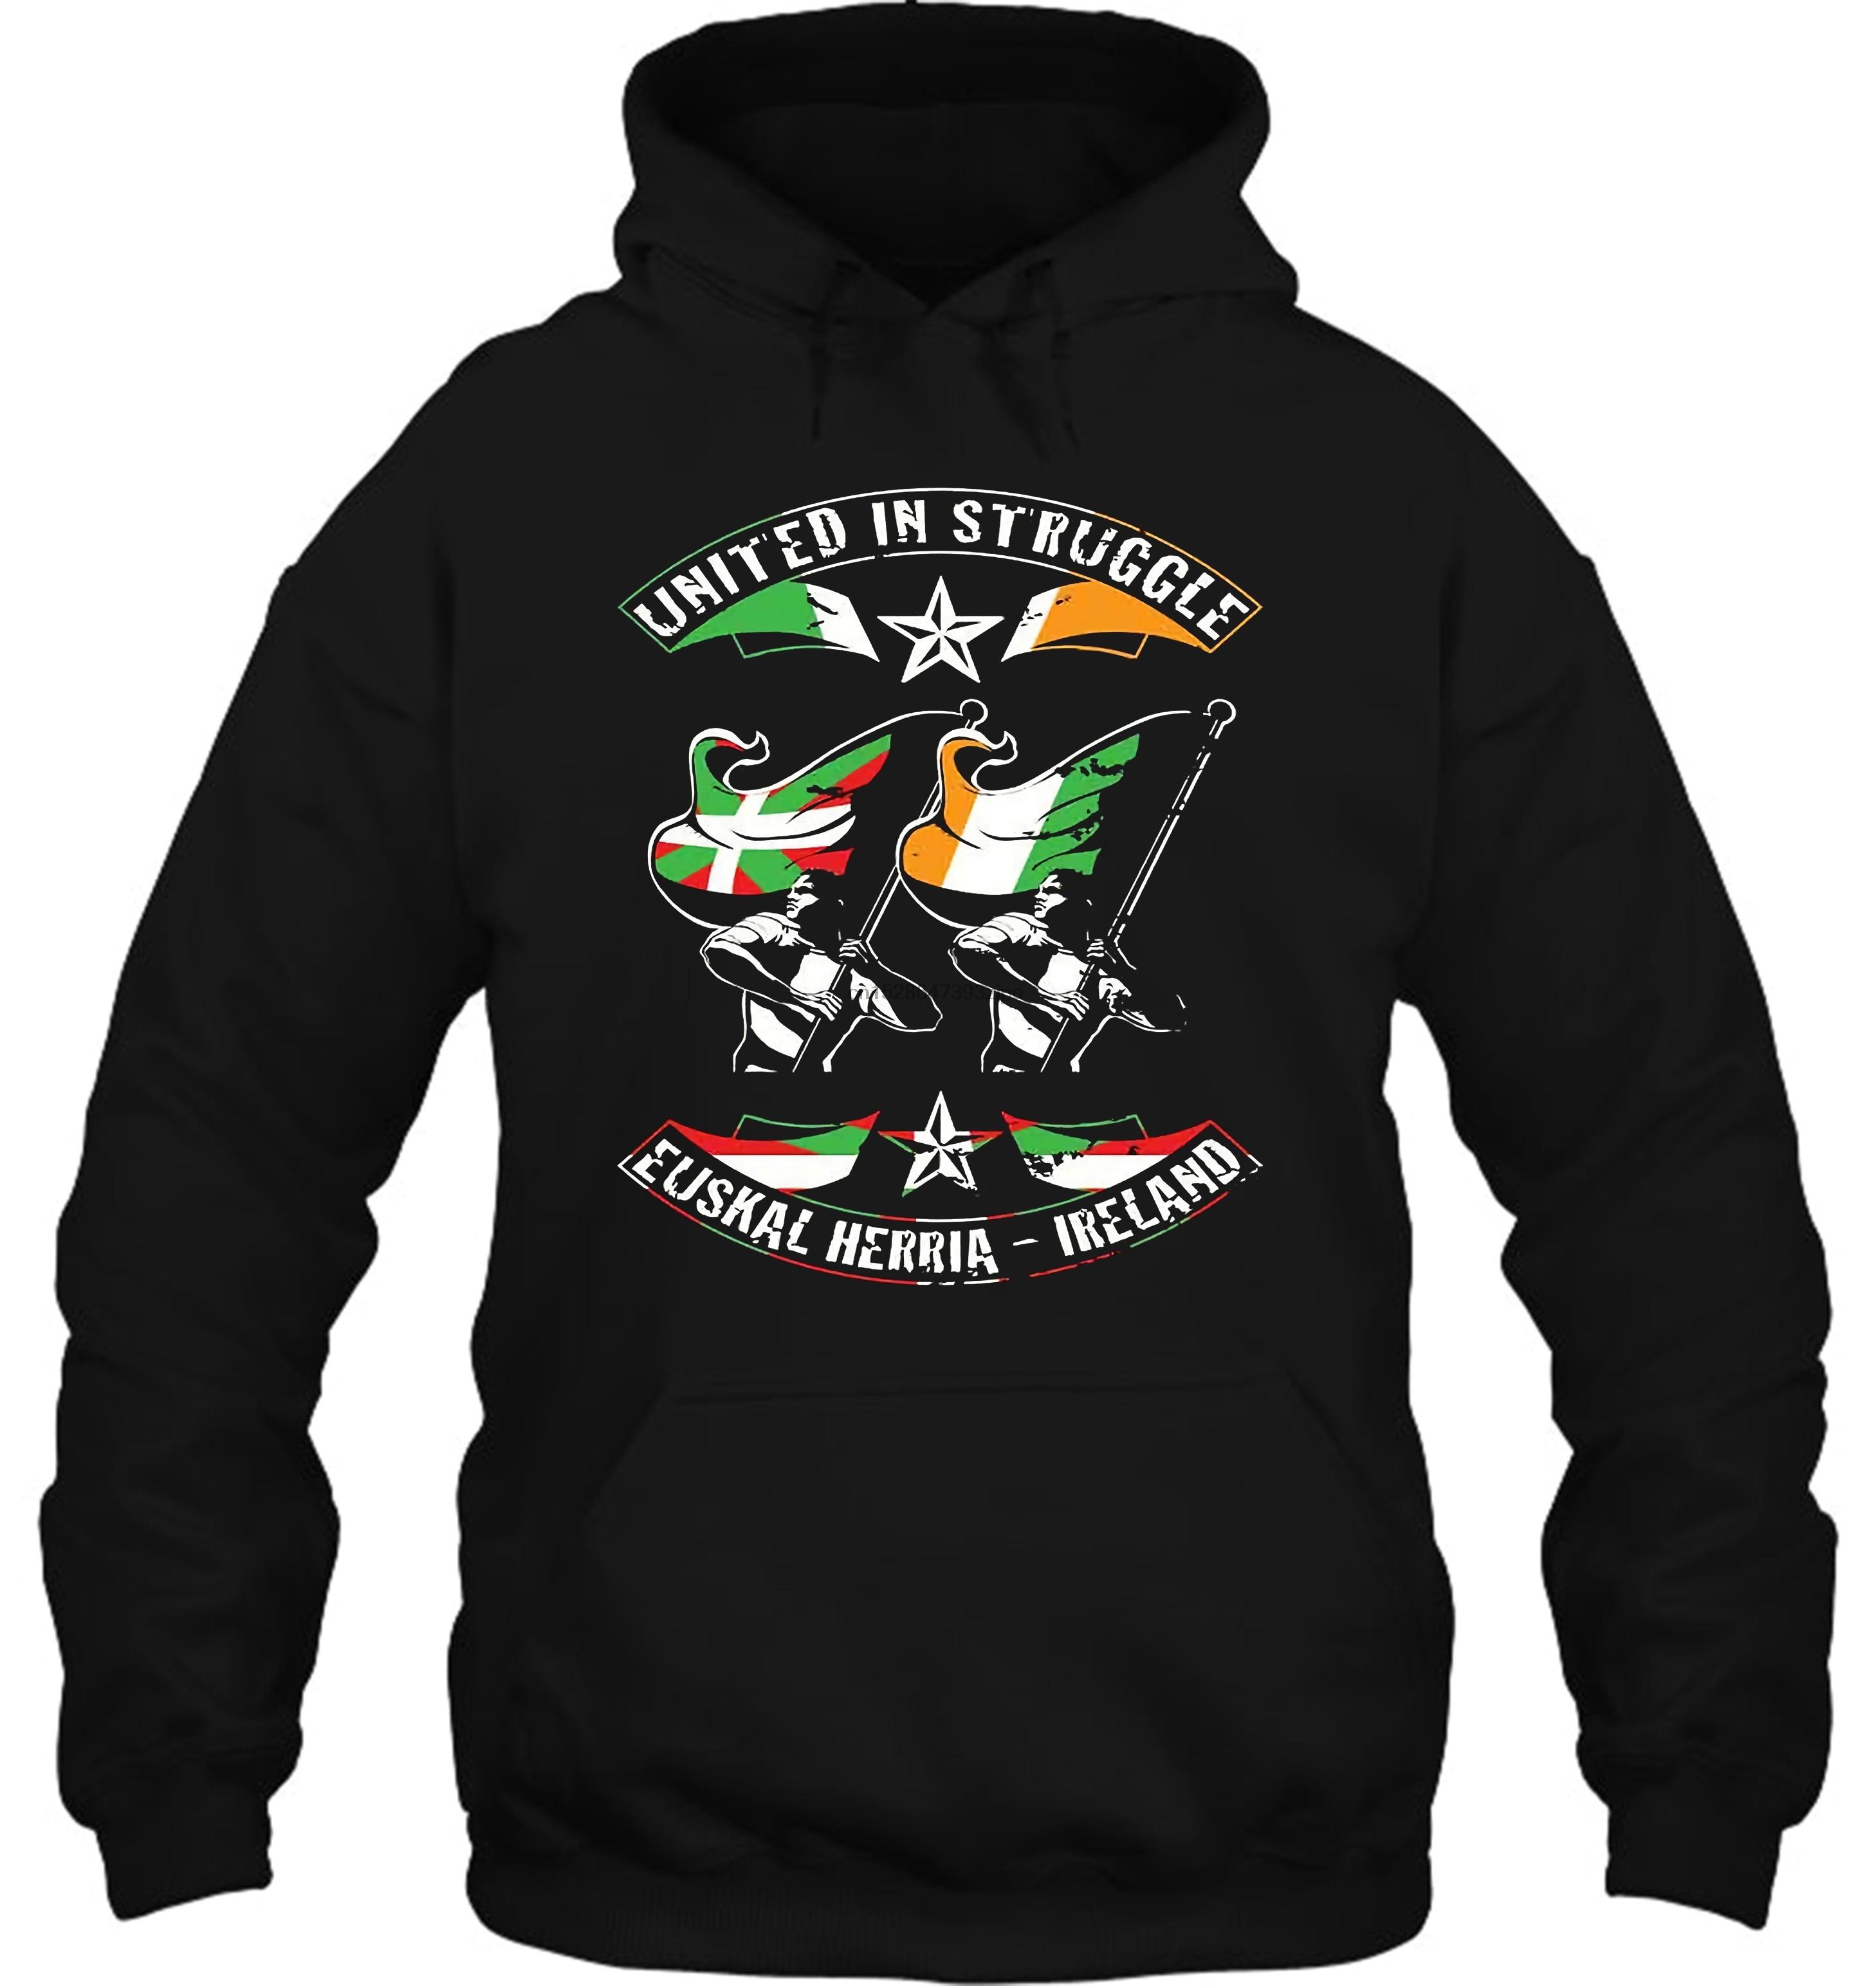 EUSKAL HERRIA IRELANDindependencecatalunyabasque Countrystruggle Streetwear Men Women Hoodies Sweatshirts